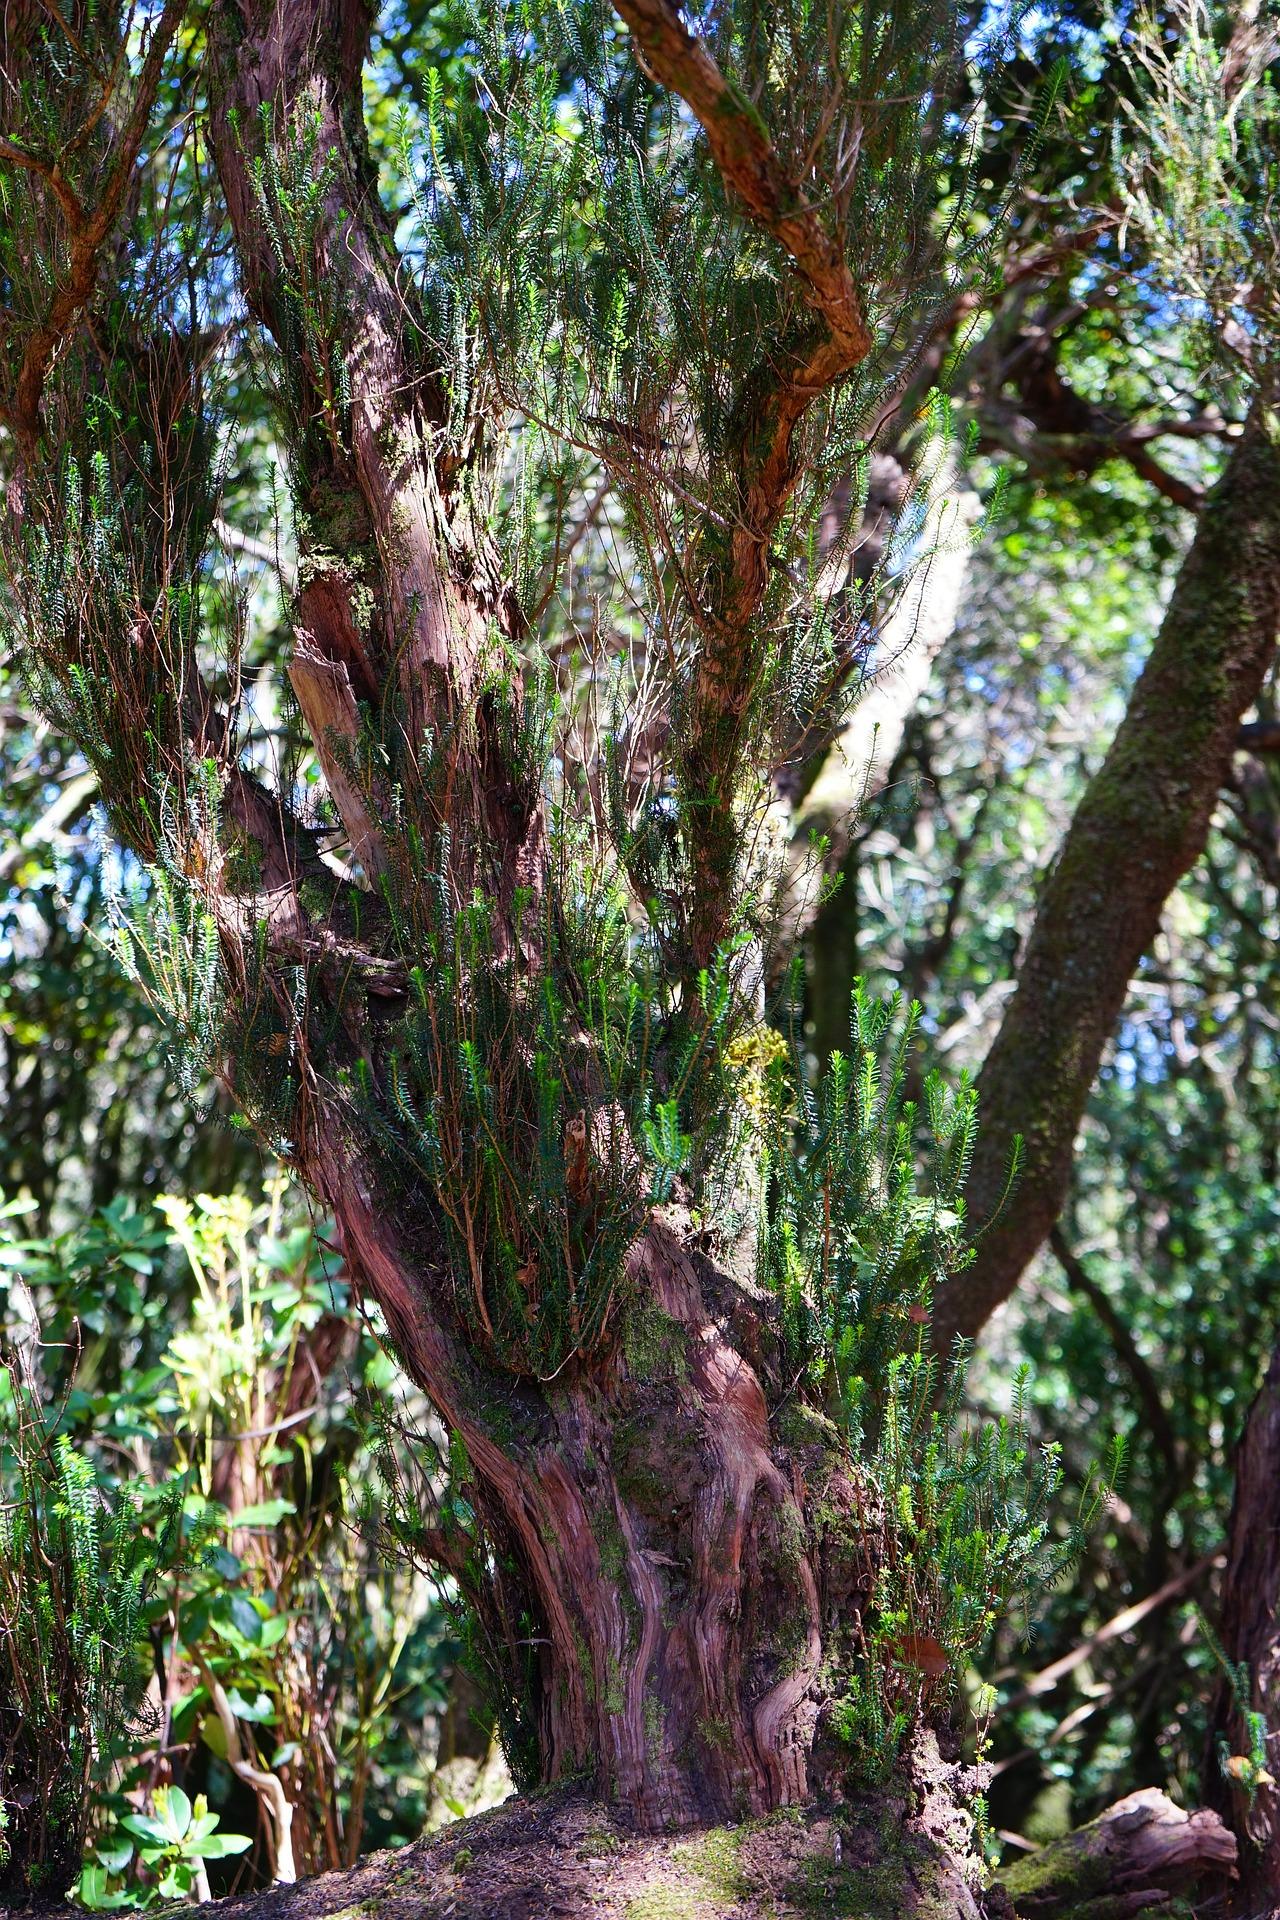 tree-heath-461216_1920